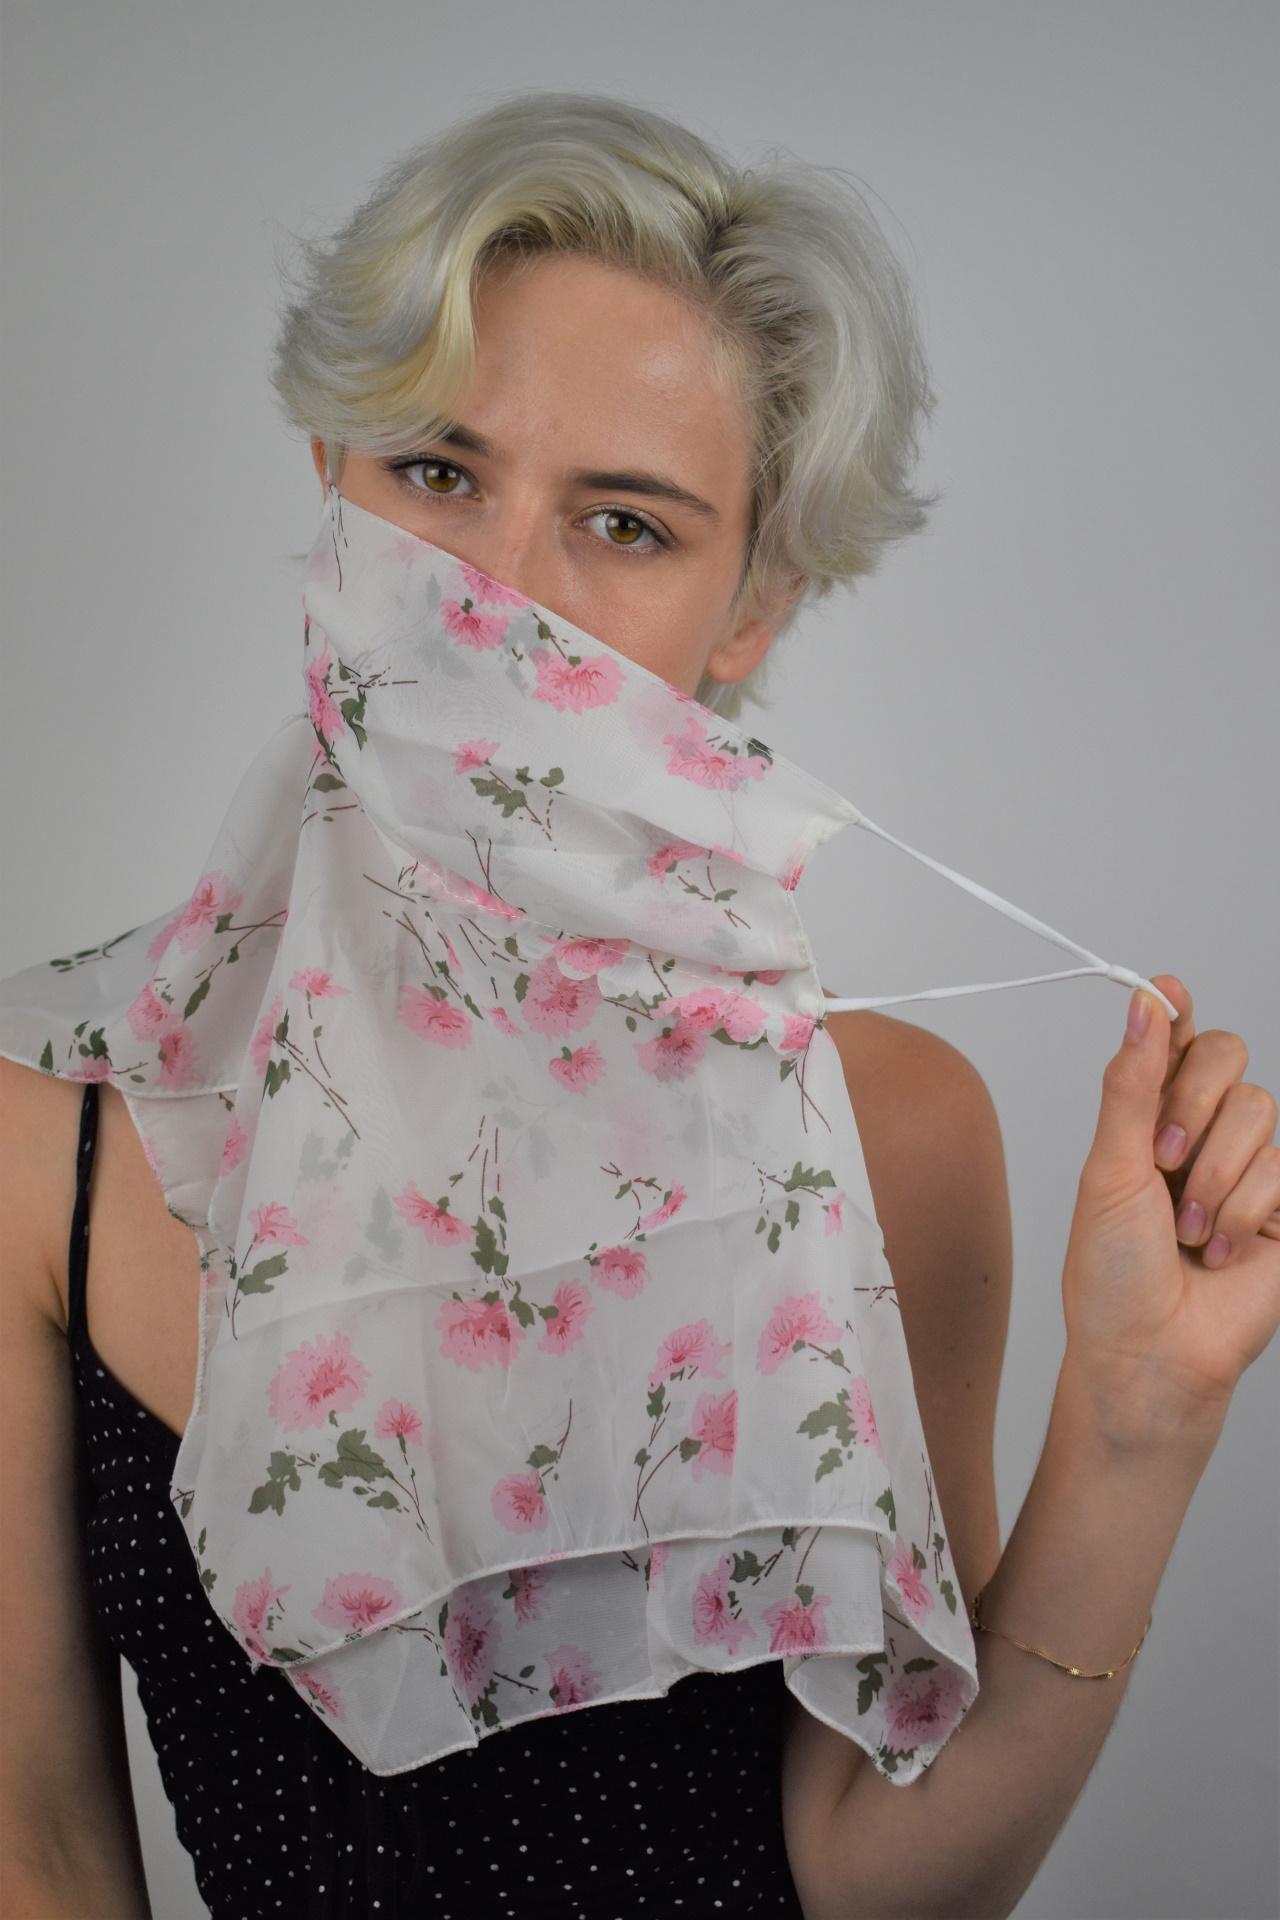 L01 FOULARD DONNA SCIARPA COPRIVISO ANTIVENTO 1 1stAmerican foulard da donna sciarpa copriviso antivento